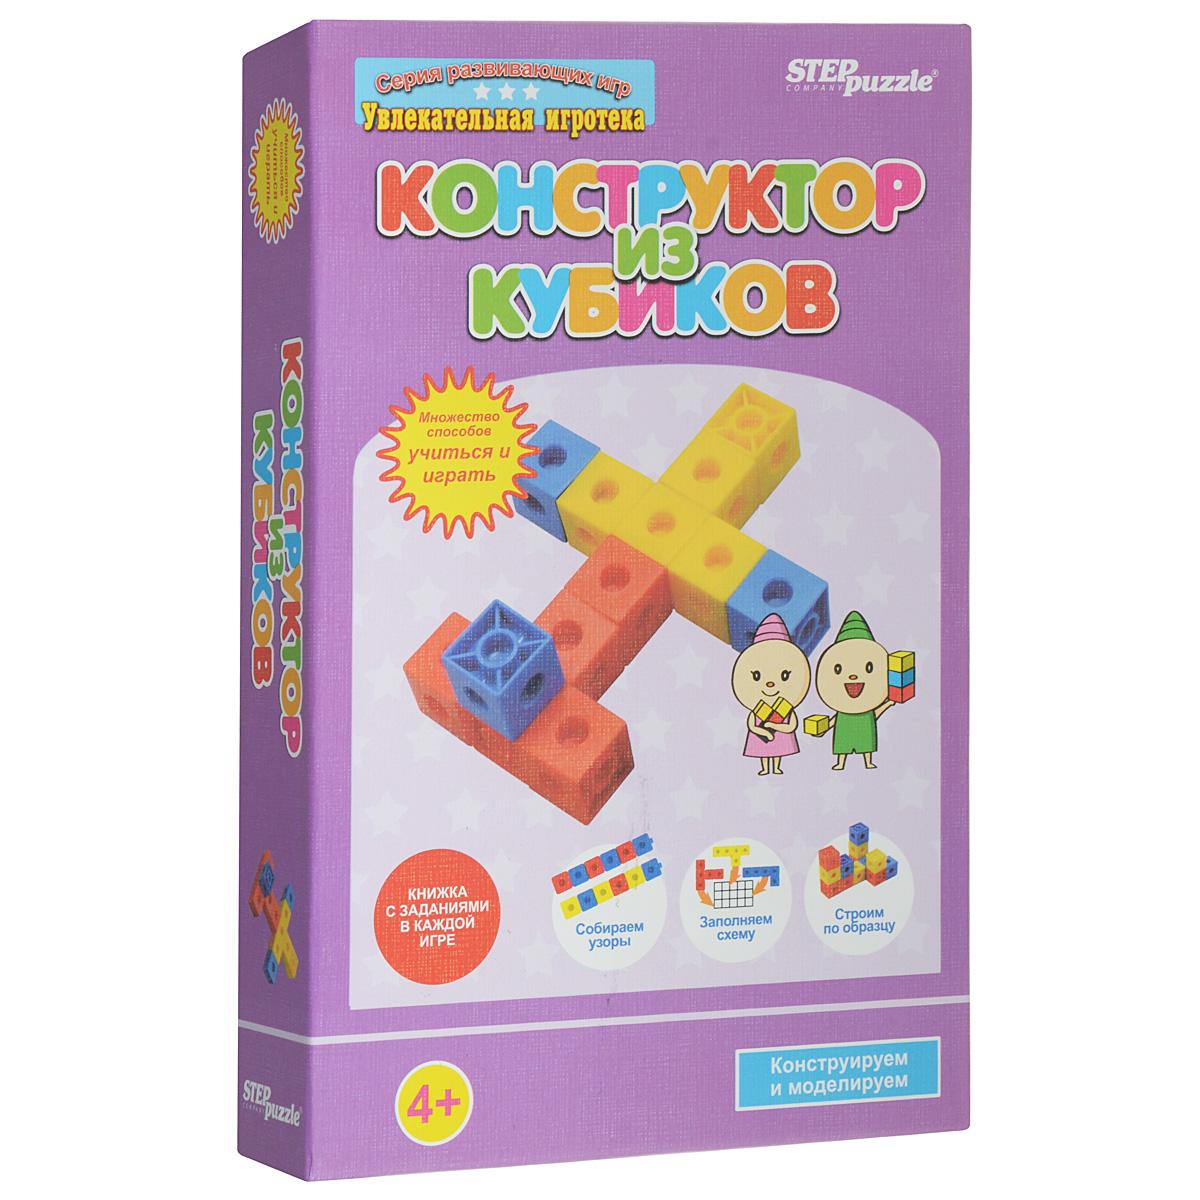 Развивающая игра Step Puzzle Увлекательная игротека Конструктор из кубиков. 7653176531Развивающая игра Step Puzzle Увлекательная игротека Конструктор из кубиков направлена на развитие наблюдательности, обучает счету, учит воспринимать цвета. Во время игры ребенок не просто развлекается, а познает мир. В комплект входят 15 кубиков желтого, красного и синего цветов, а также красочная инструкция.